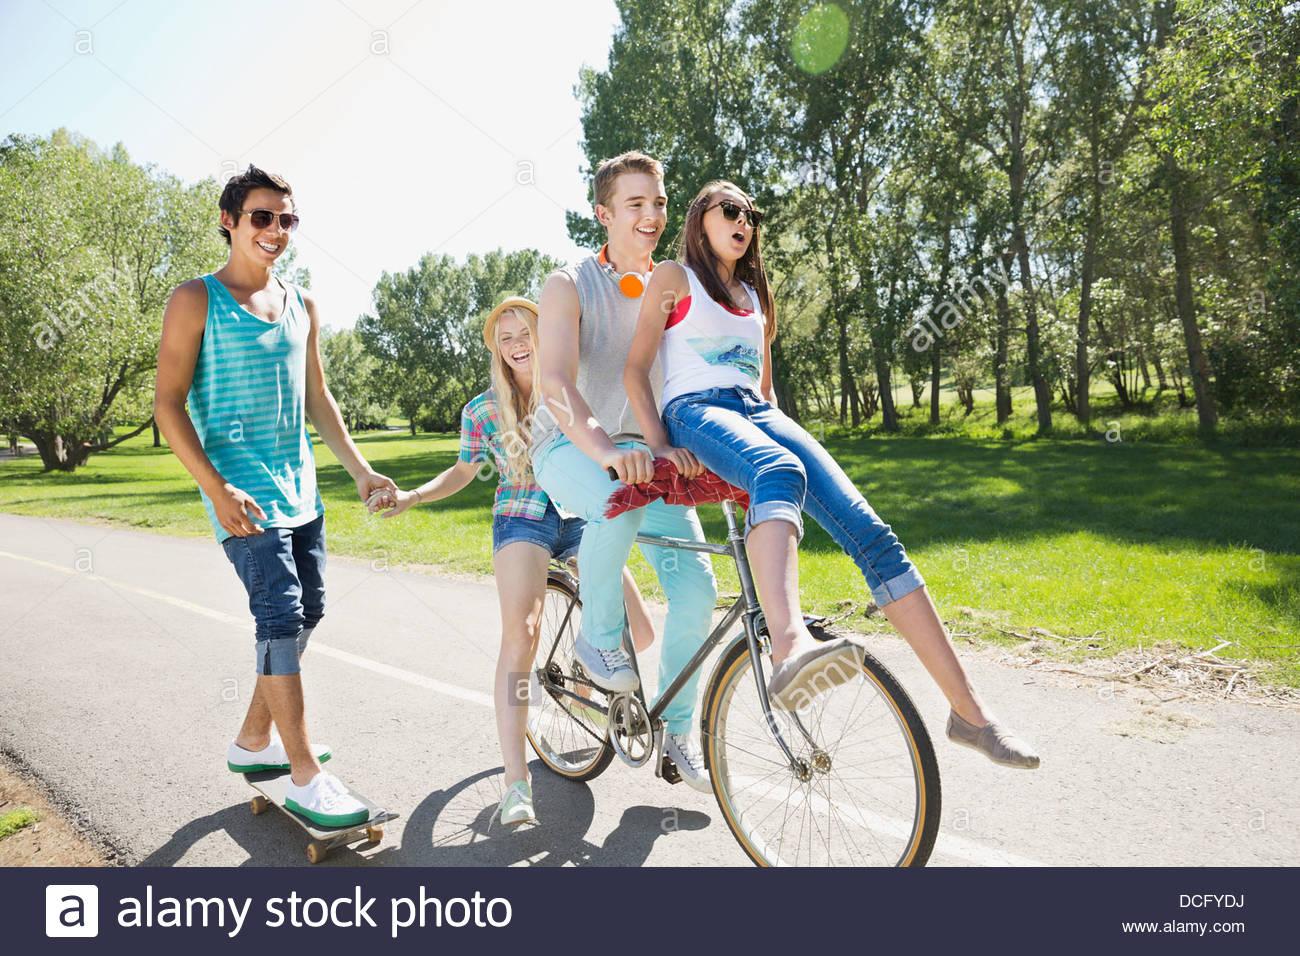 Jugendliche hängen in einem park Stockbild